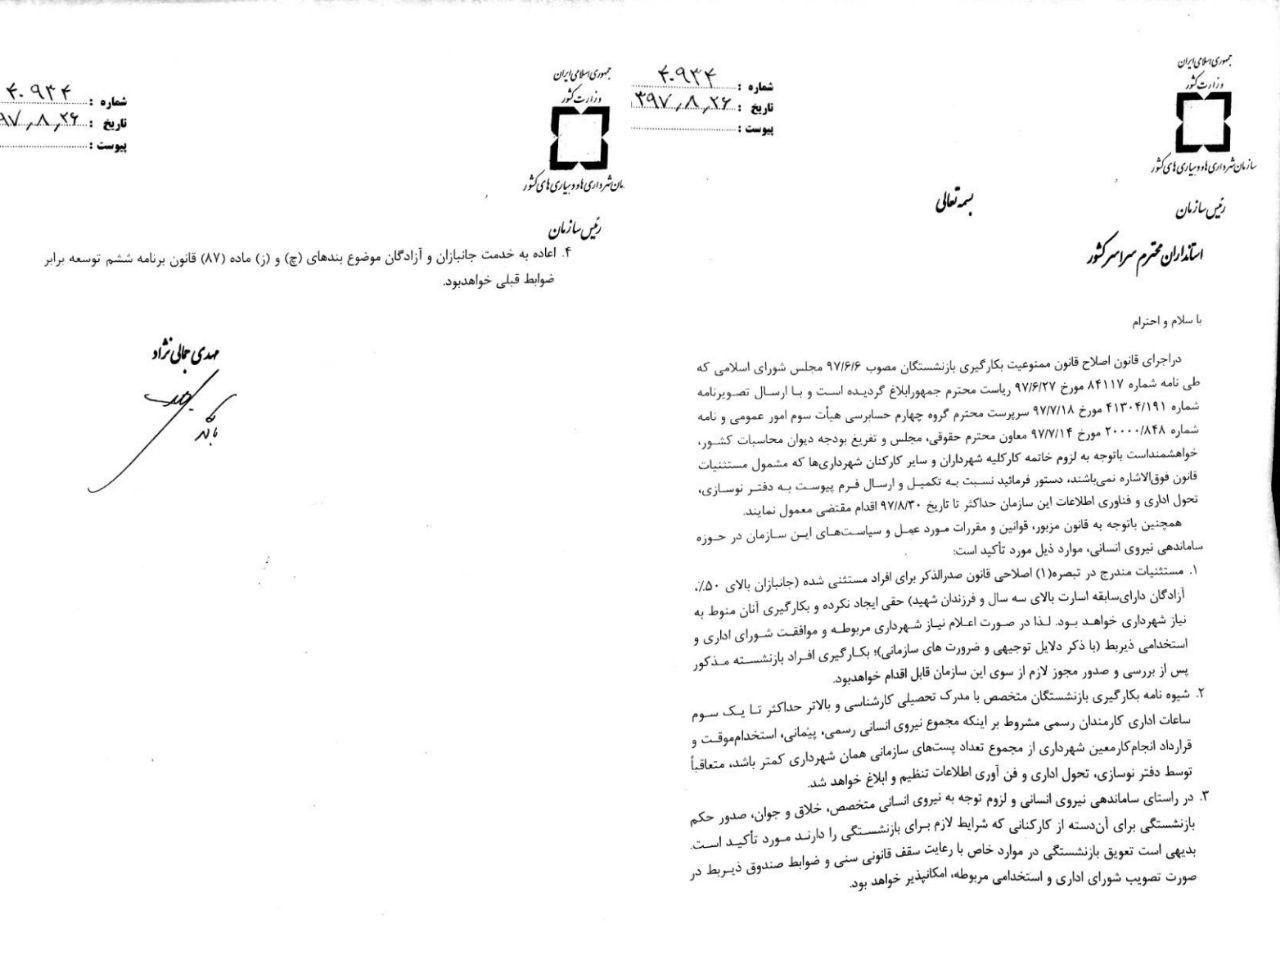 ابلاغ خاتمه کار شهرداران بازنشسته از سوی وزارت کشور